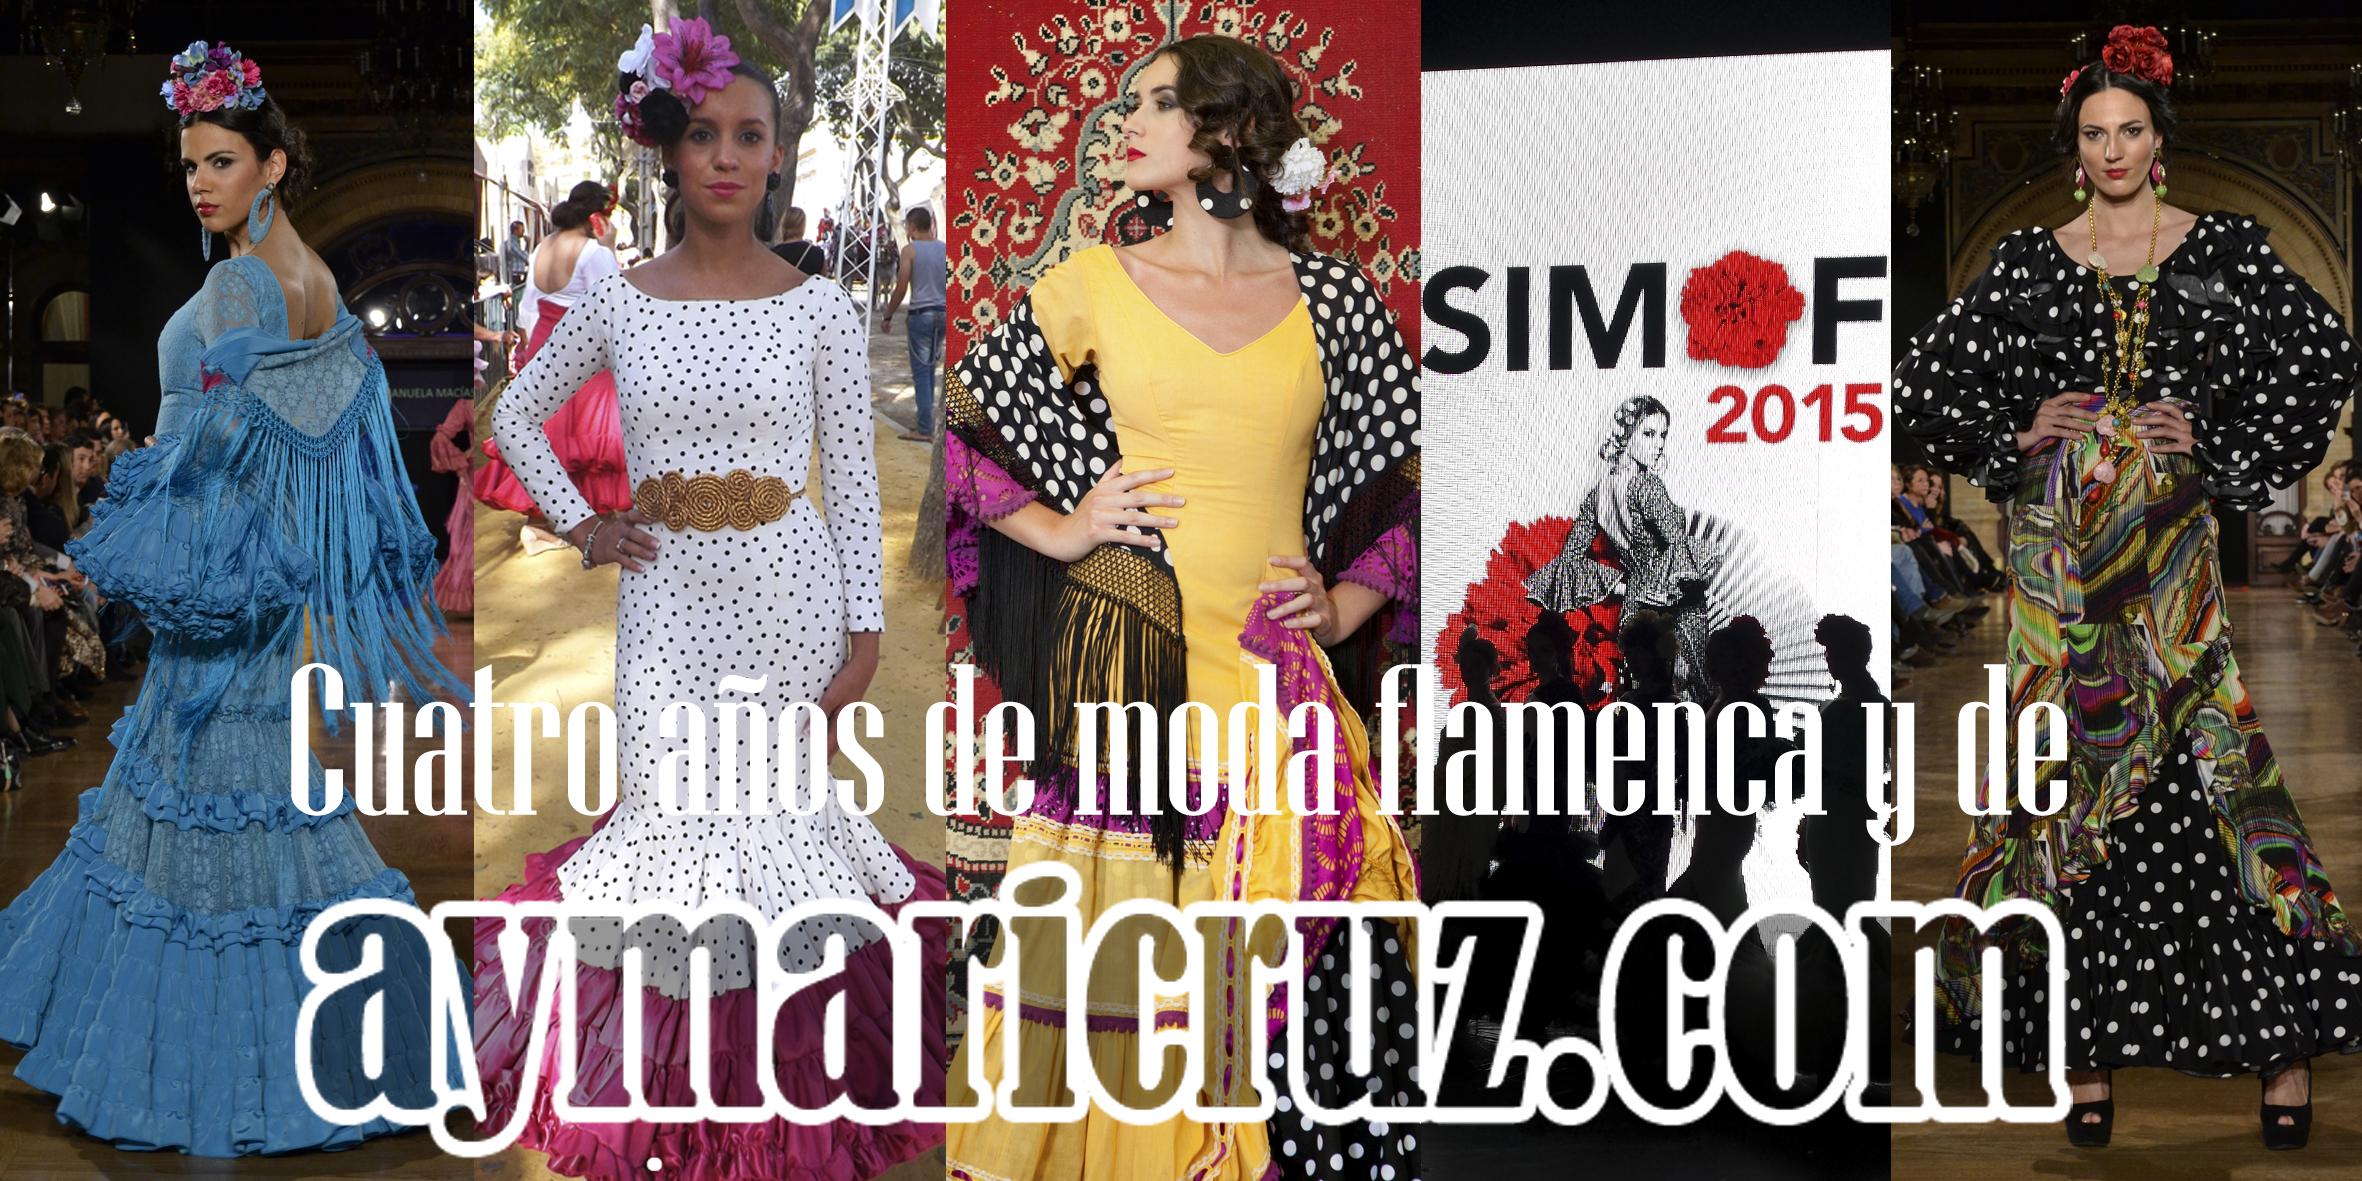 4 años de www.cayecruz.com en 4 apuntes sobre moda flamenca